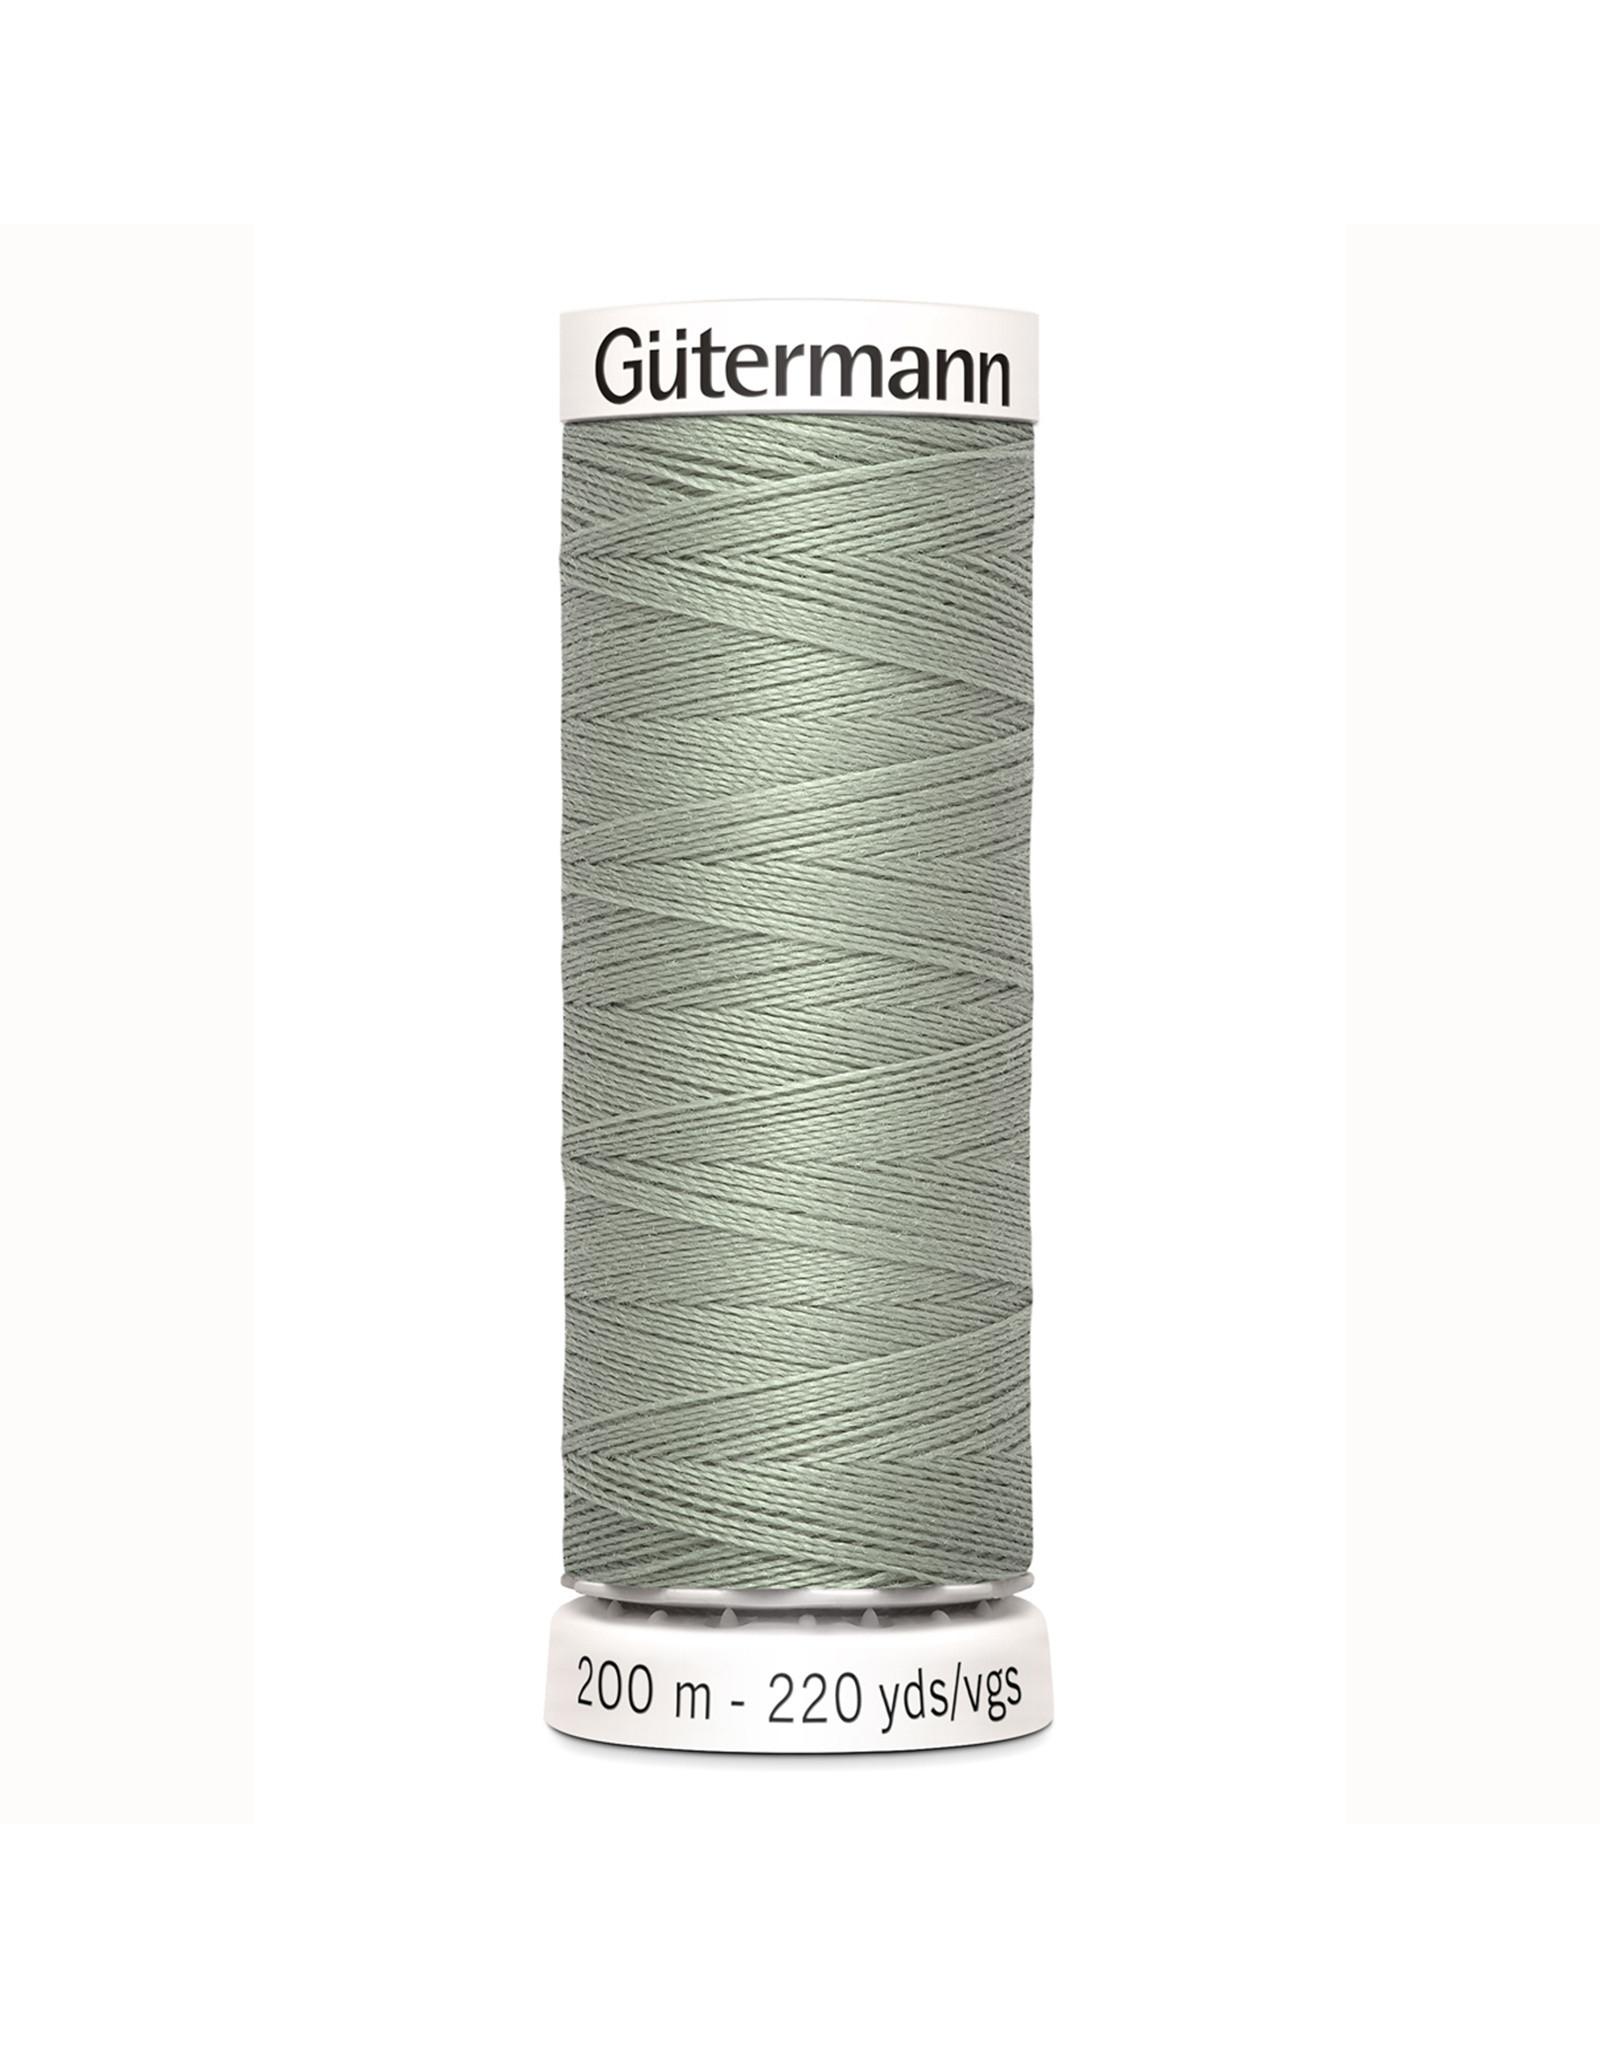 Gütermann Gütermann Nähgarn 200 m - nr 261